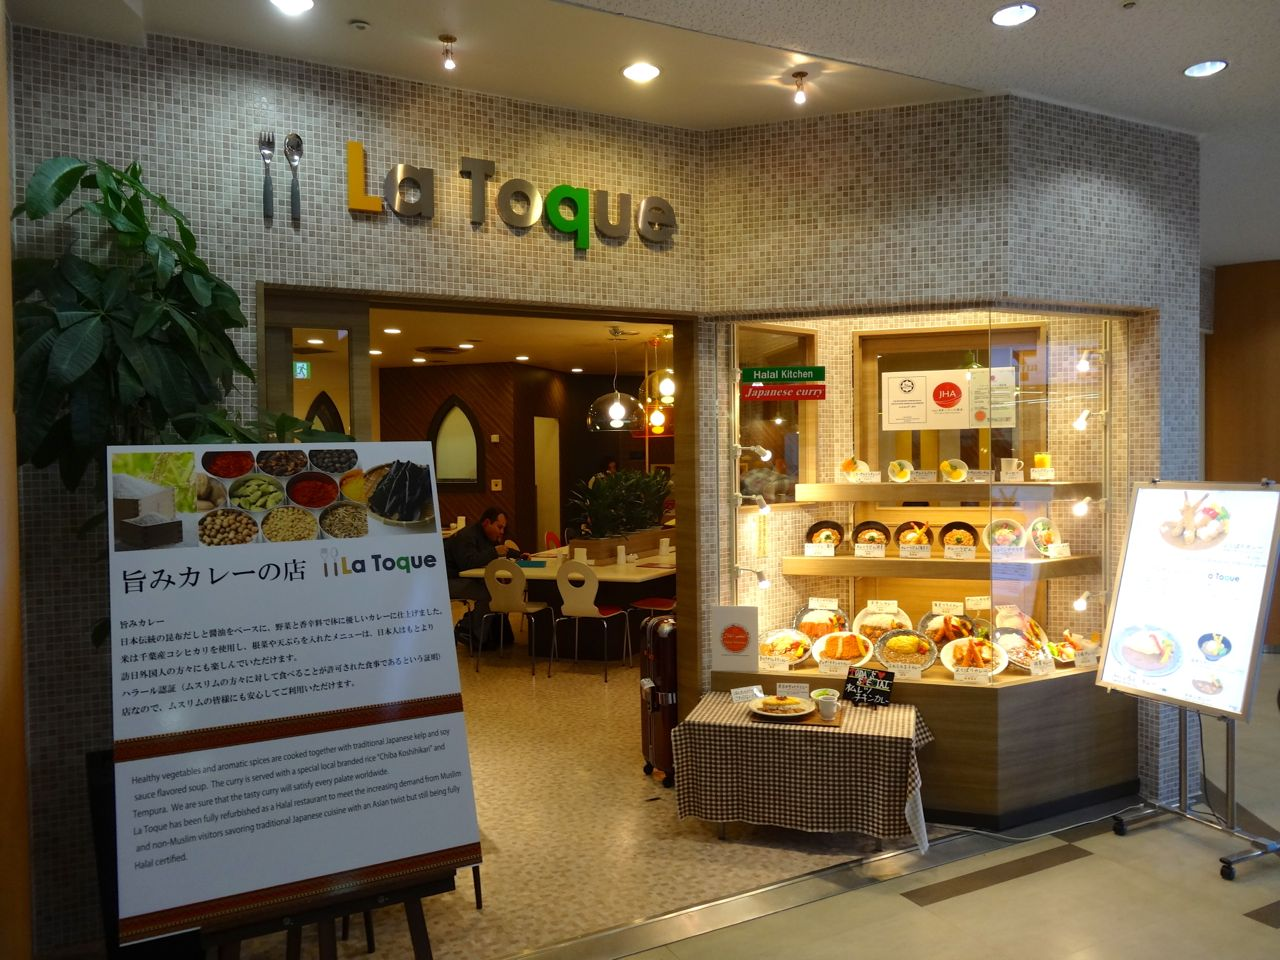 成田空港のハラル・レストラン『 La Toque 』